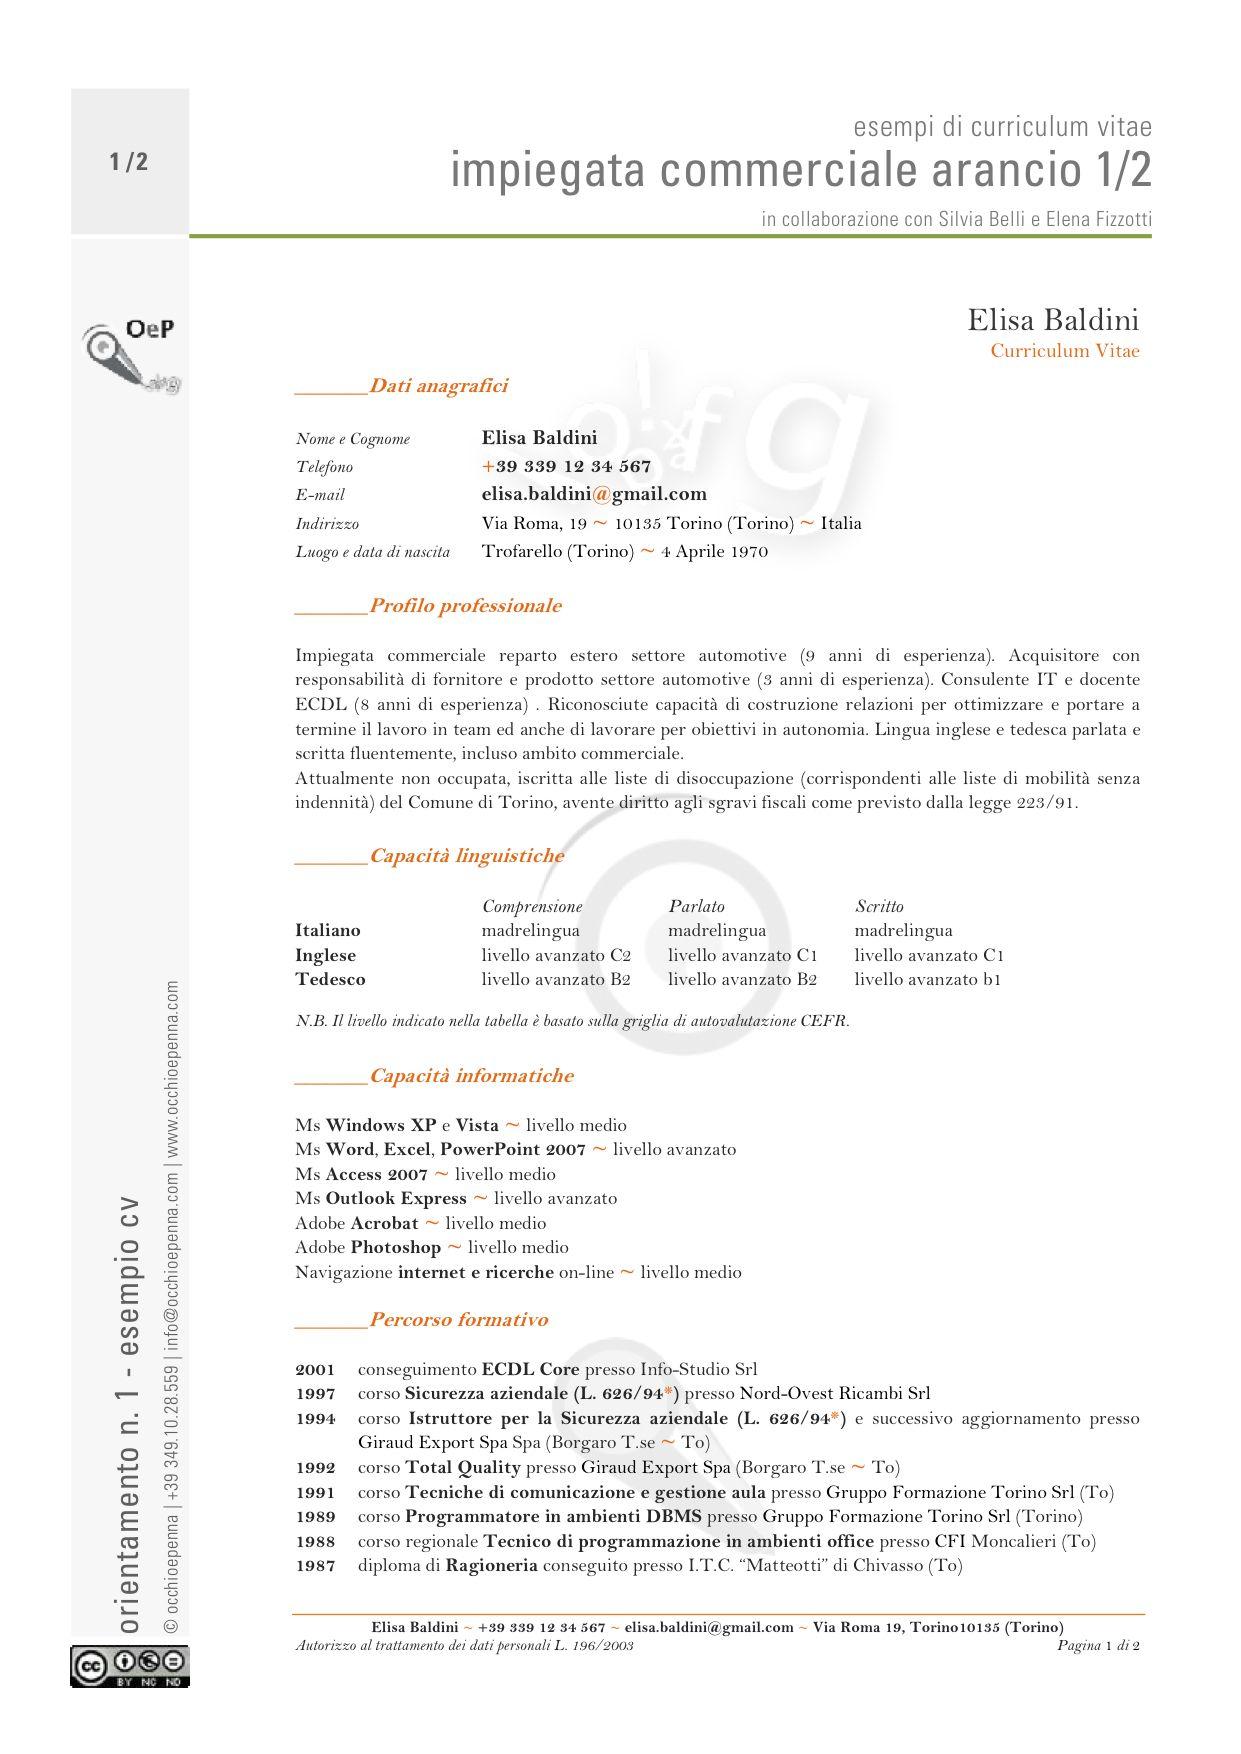 L Curriculum Vitae Europeo Con Imagenes Modelos De Curriculum